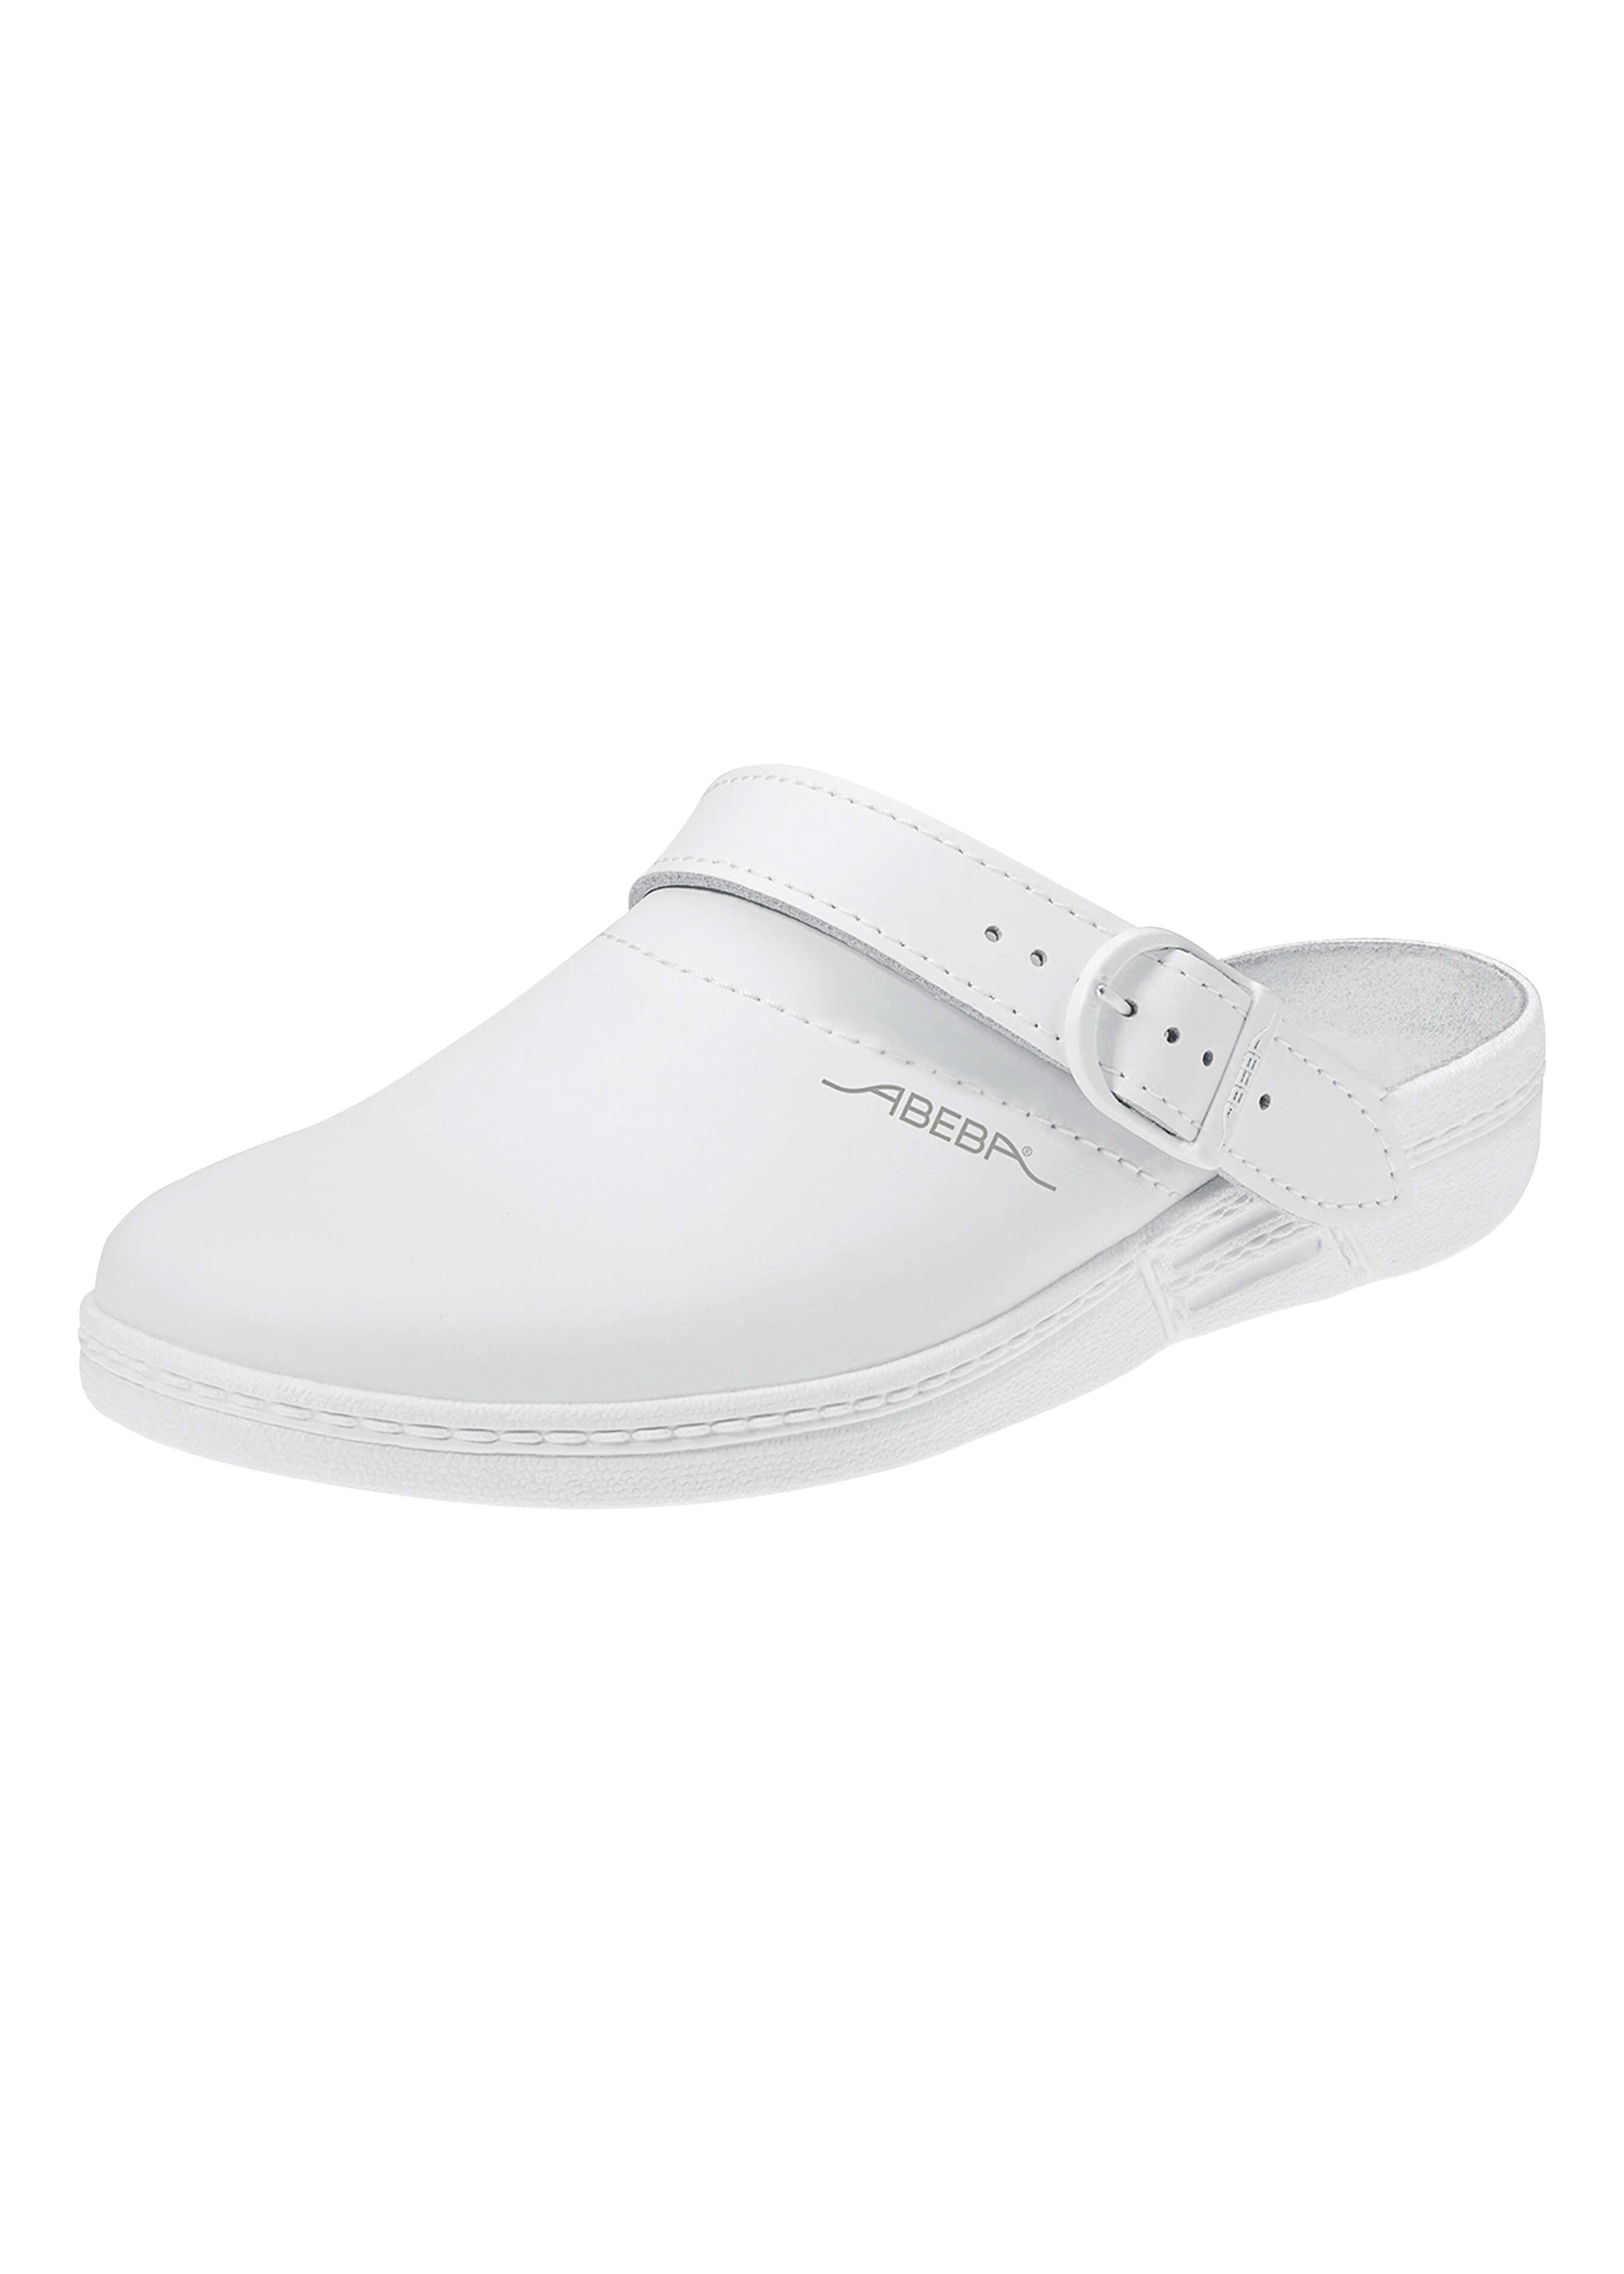 Abeba Pantolette L460935 1